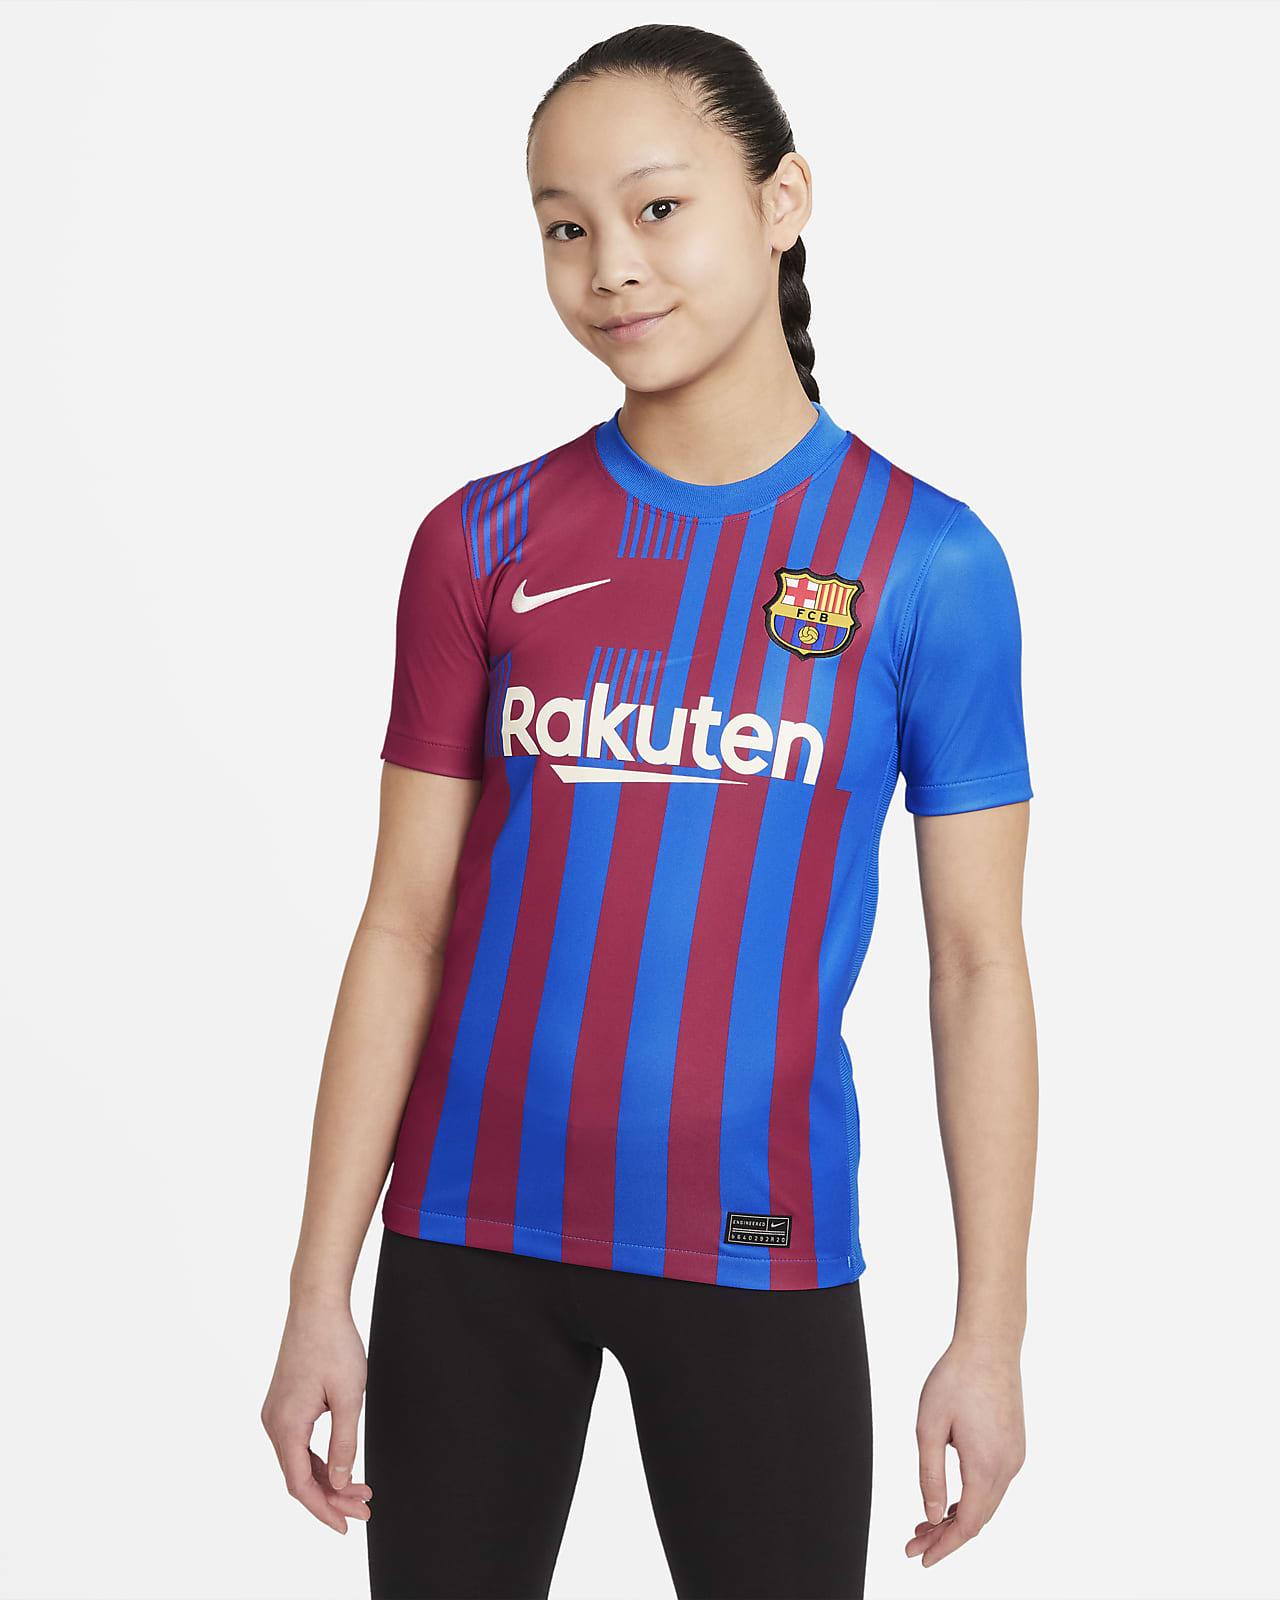 Jersey de fútbol del FC Barcelona local 2021/22 Stadium para niños talla grande